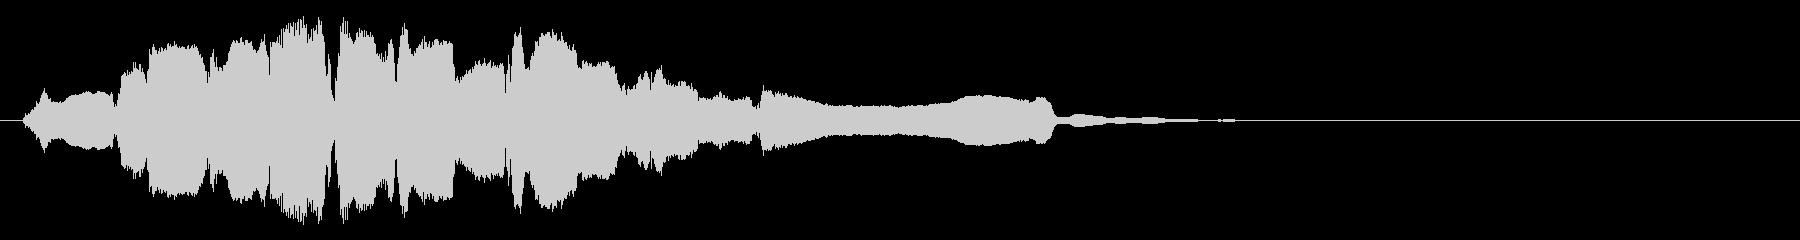 祭りっぽい終幕◆篠笛生演奏の和風効果音の未再生の波形